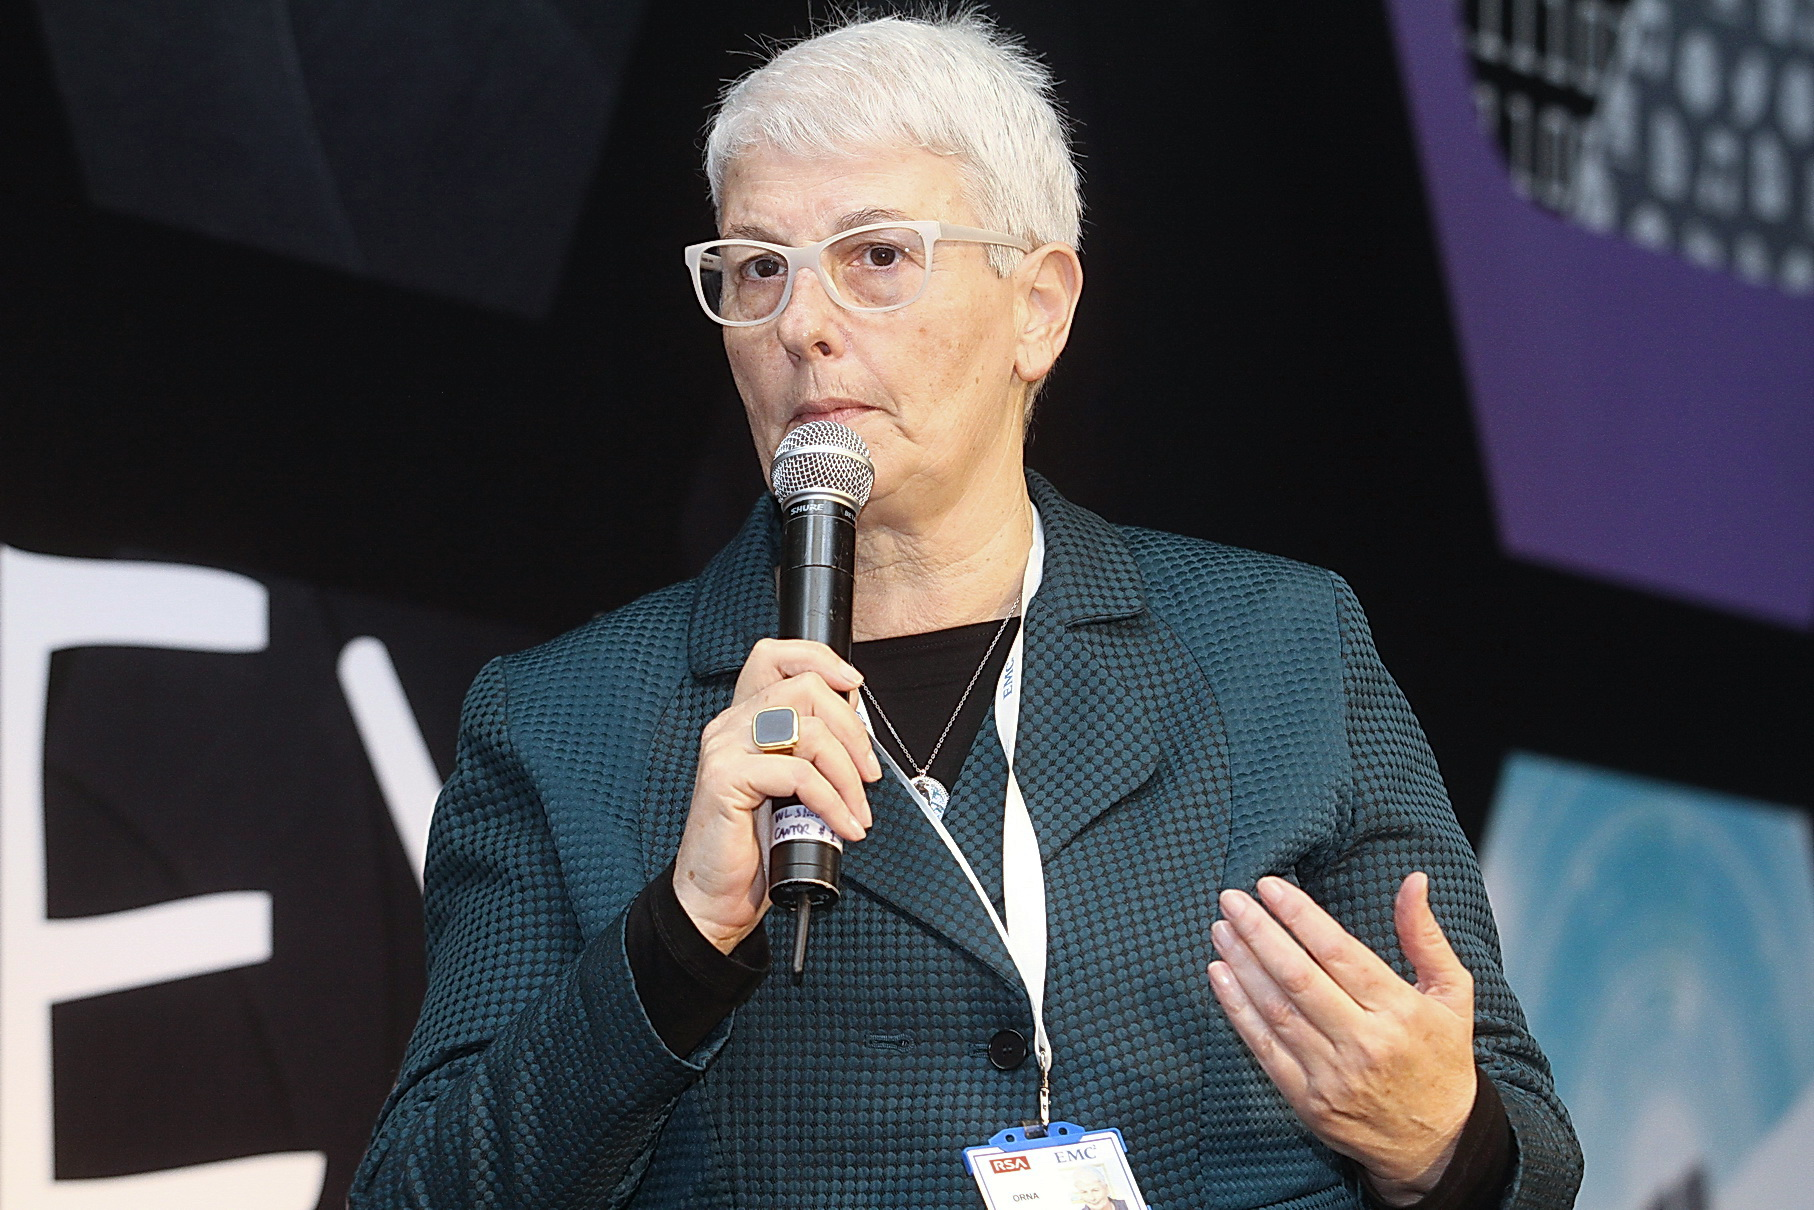 ארנה ברי